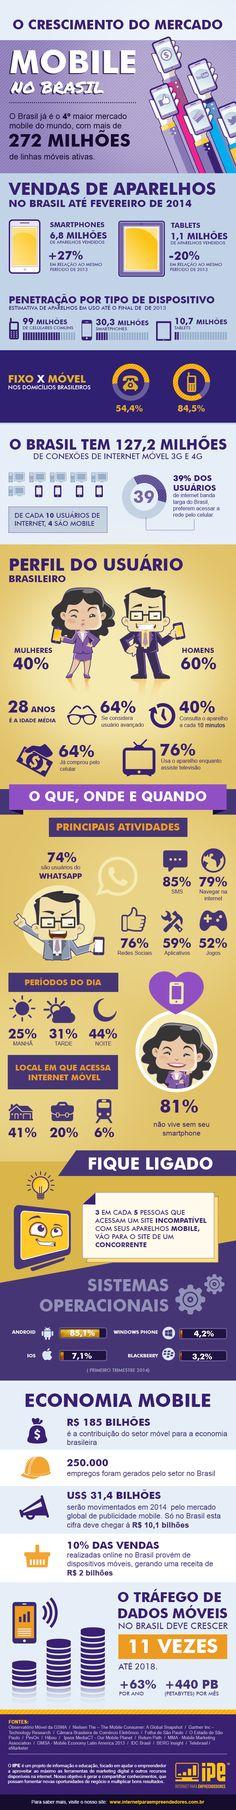 Crescimento mobile no Brasil (via mobilefeed e @hazine) #infografico